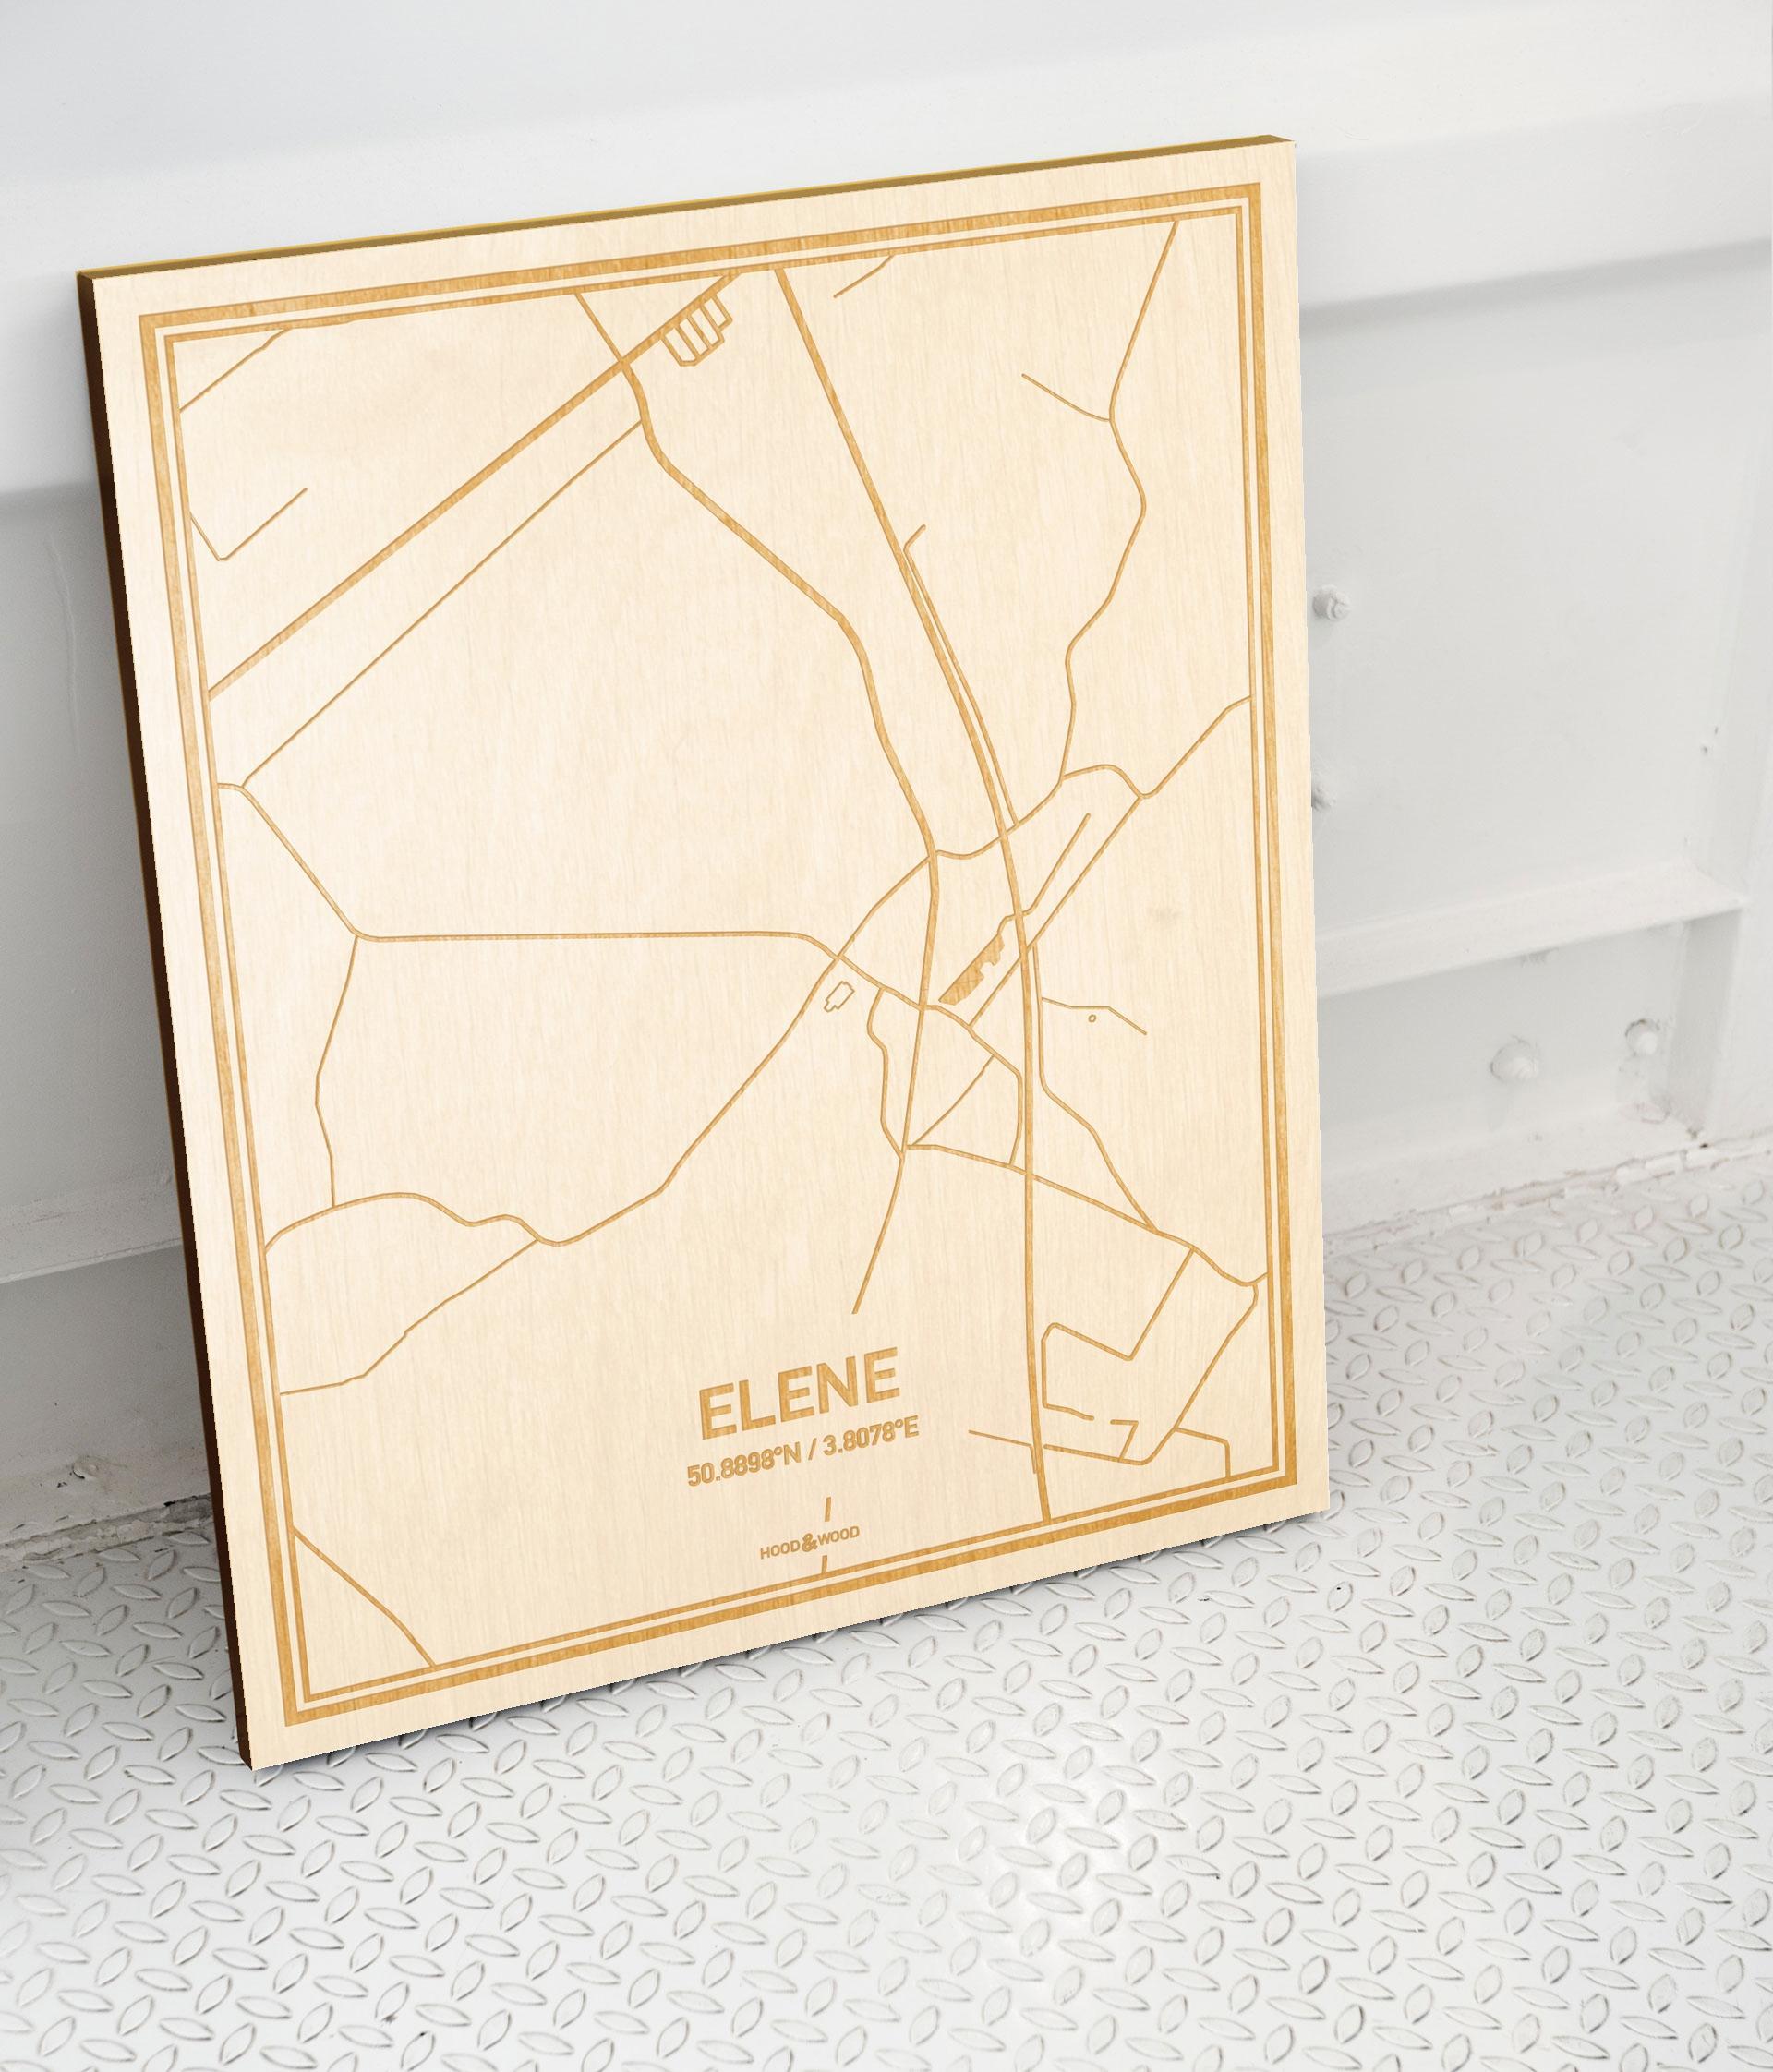 Plattegrond Elene als prachtige houten wanddecoratie. Het warme hout contrasteert mooi met de witte muur.